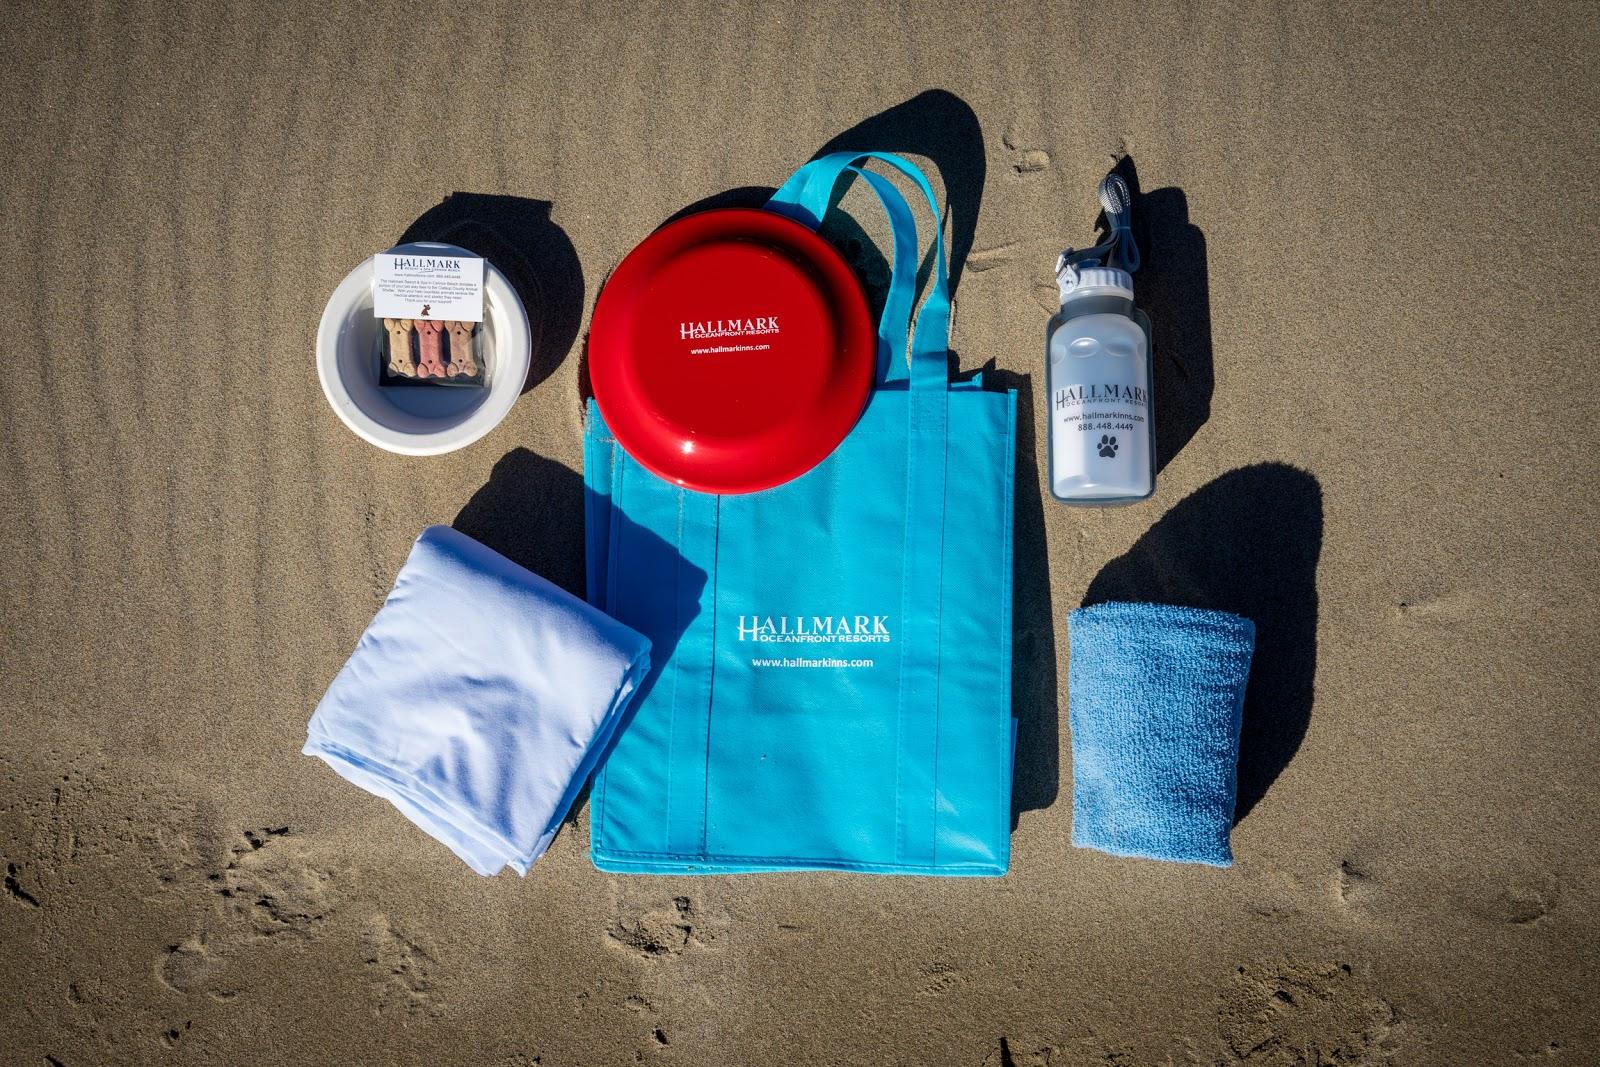 Hallmark Resort's pet package